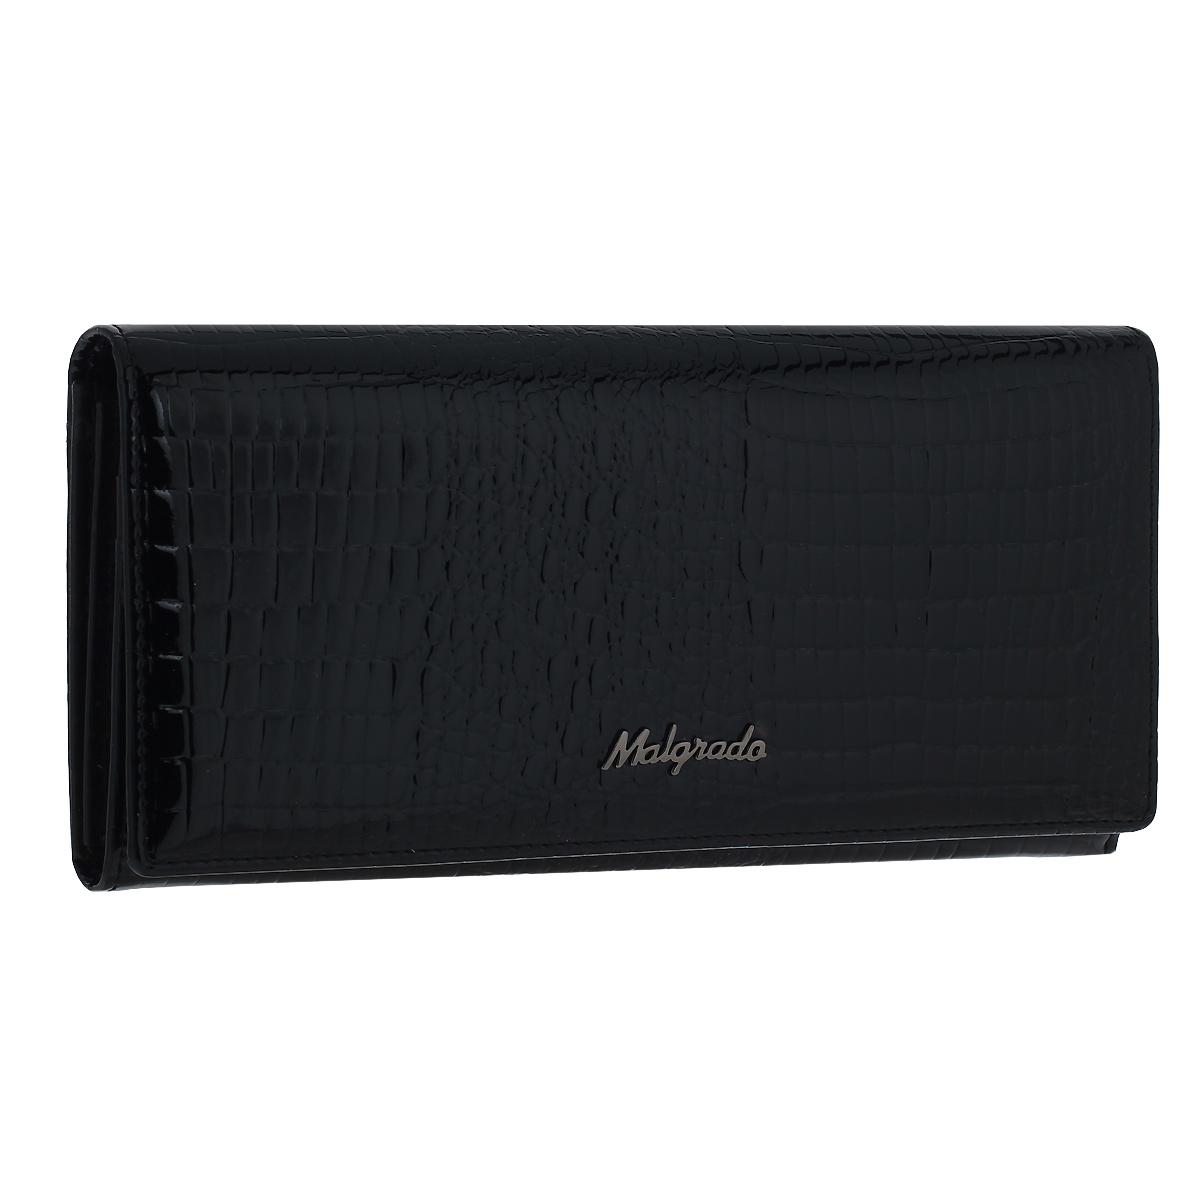 Кошелек женский Malgrado, цвет: черный. 72058-4672058-46Женский кошелек Malgrado изготовлен из натуральной кожи с декоративным тиснением под крокодила. Купюры вмещаются в полную длину. Закрывается кошелек при помощи клапана на кнопку. Внутри расположено три отделения для купюр, два потайных отделений для бумаг, семь кармашков для пластиковых карт и визиток, один кармашек на молнии, два отделения для мелочи, который закрывается на рамочный замок, а также прозрачное окошко для фотографии. С задней стороны также имеется открытое отделение для мелочи или бумаг. Такой кошелек стильно дополнит ваш образ и станет незаменимым аксессуаром. Кошелек упакован в подарочную металлическую коробку синего цвета.